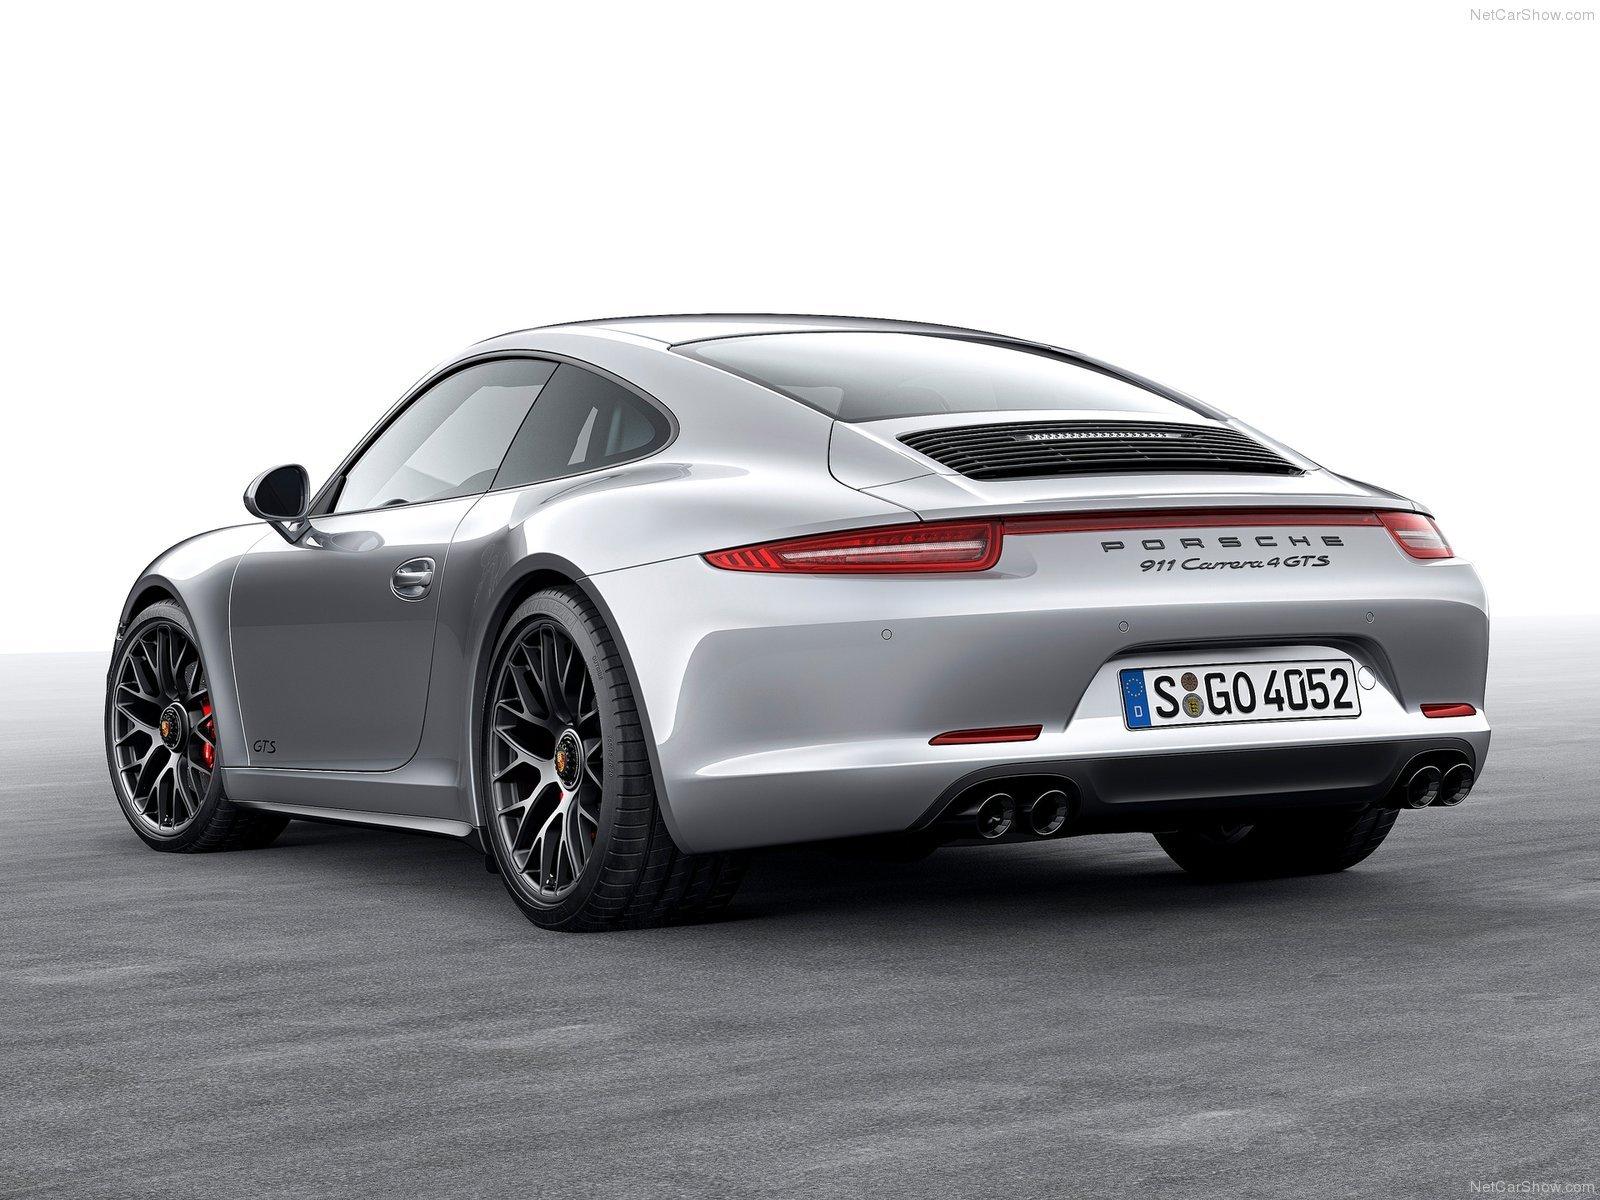 38+] 2017 Porsche 911 GTS Wallpaper on